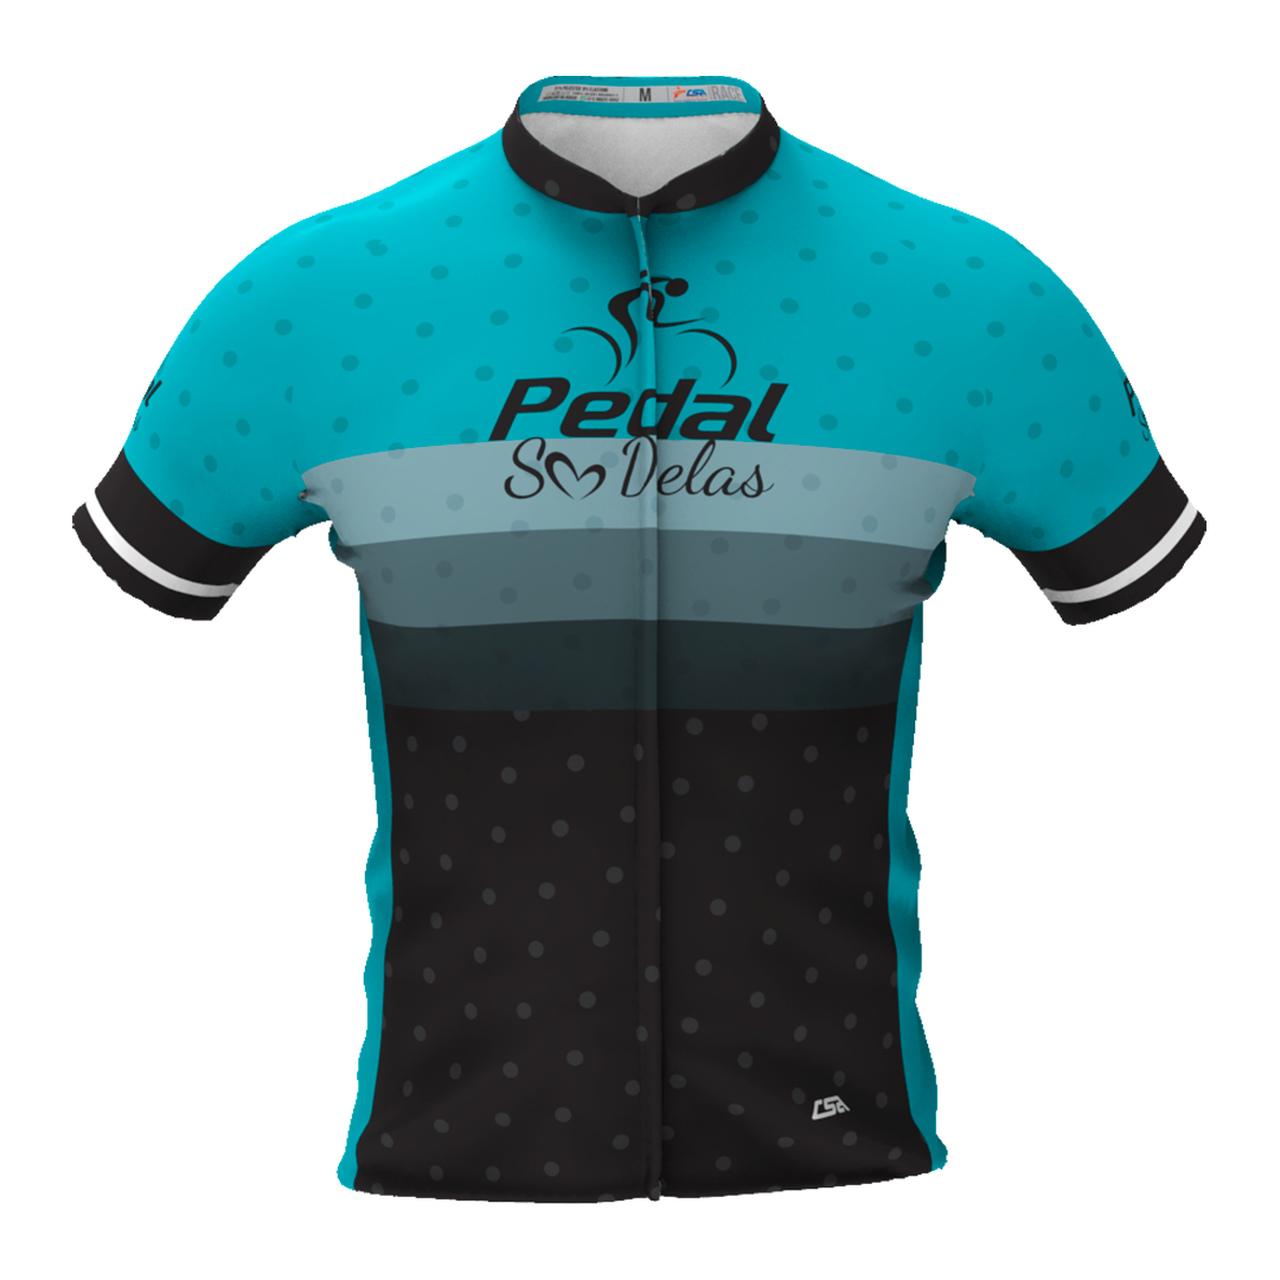 Camisa Ciclista Tour Pedal Só Delas Masculina Azul-Listras